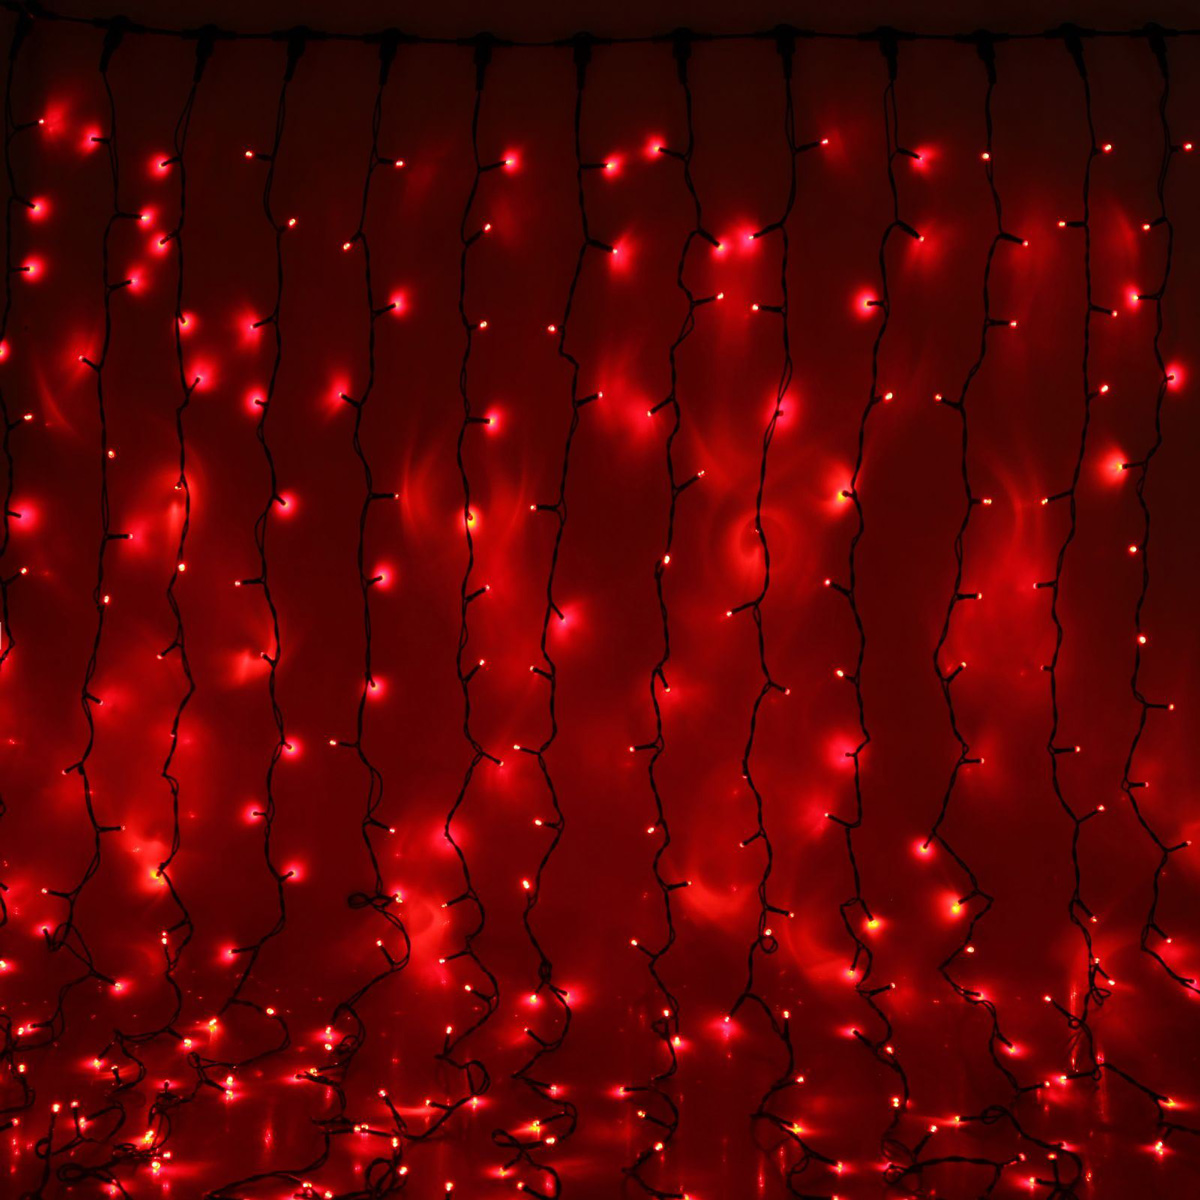 Гирлянда светодиодная Luazon Занавес, цвет: красный, уличная, 1440 ламп, 220 V, 2 х 6 м. 10802911080291Гирлянда светодиодная Luazon Занавес - это отличный вариант для новогоднего оформления интерьера или фасада. С ее помощью помещение любого размера можно превратить в праздничный зал, а внешние элементы зданий, украшенные гирляндой, мгновенно станут напоминать очертания сказочного дворца. Такое украшение создаст ауру предвкушения чуда. Деревья, фасады, витрины, окна и арки будто специально созданы, чтобы вы украсили их светящимися нитями.